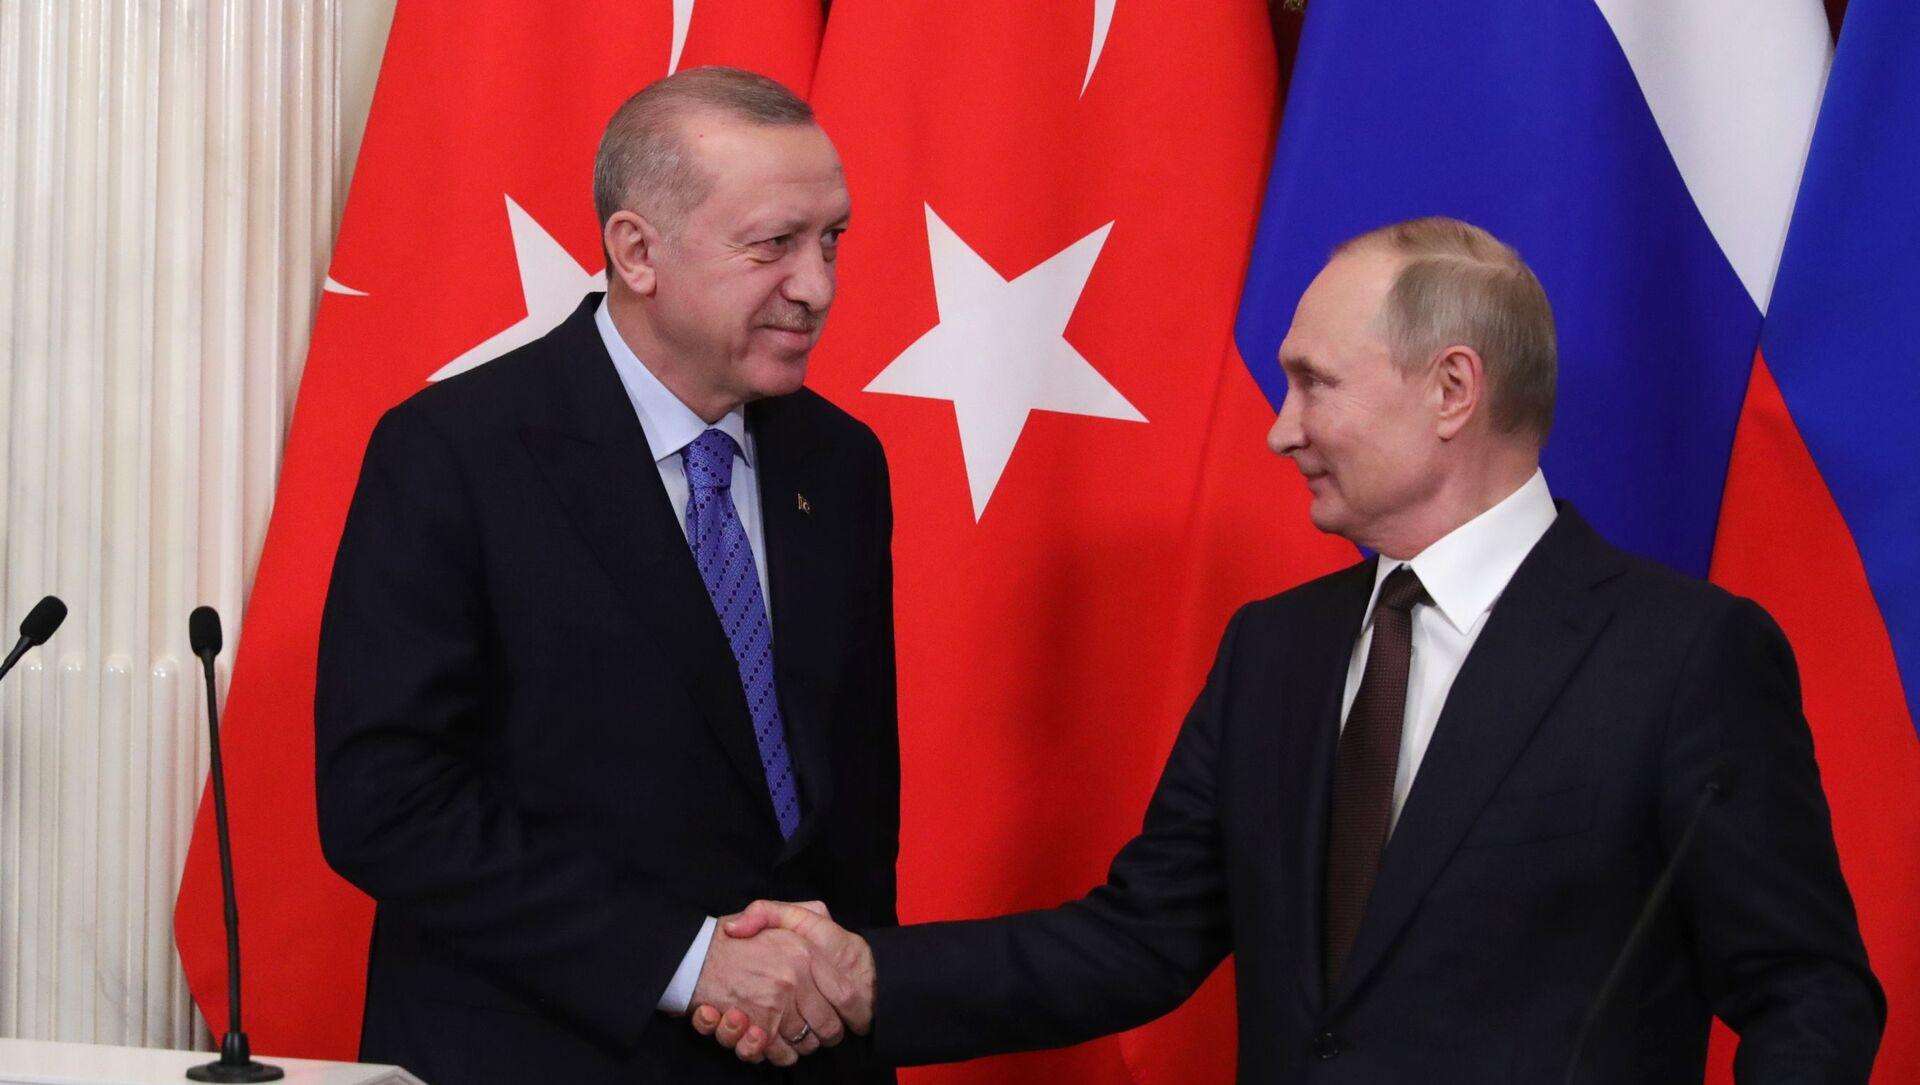 Prezydent Rosji Władimir Putin i prezydent Turcji Recep Tayyip Erdoğan. - Sputnik Polska, 1920, 07.05.2021